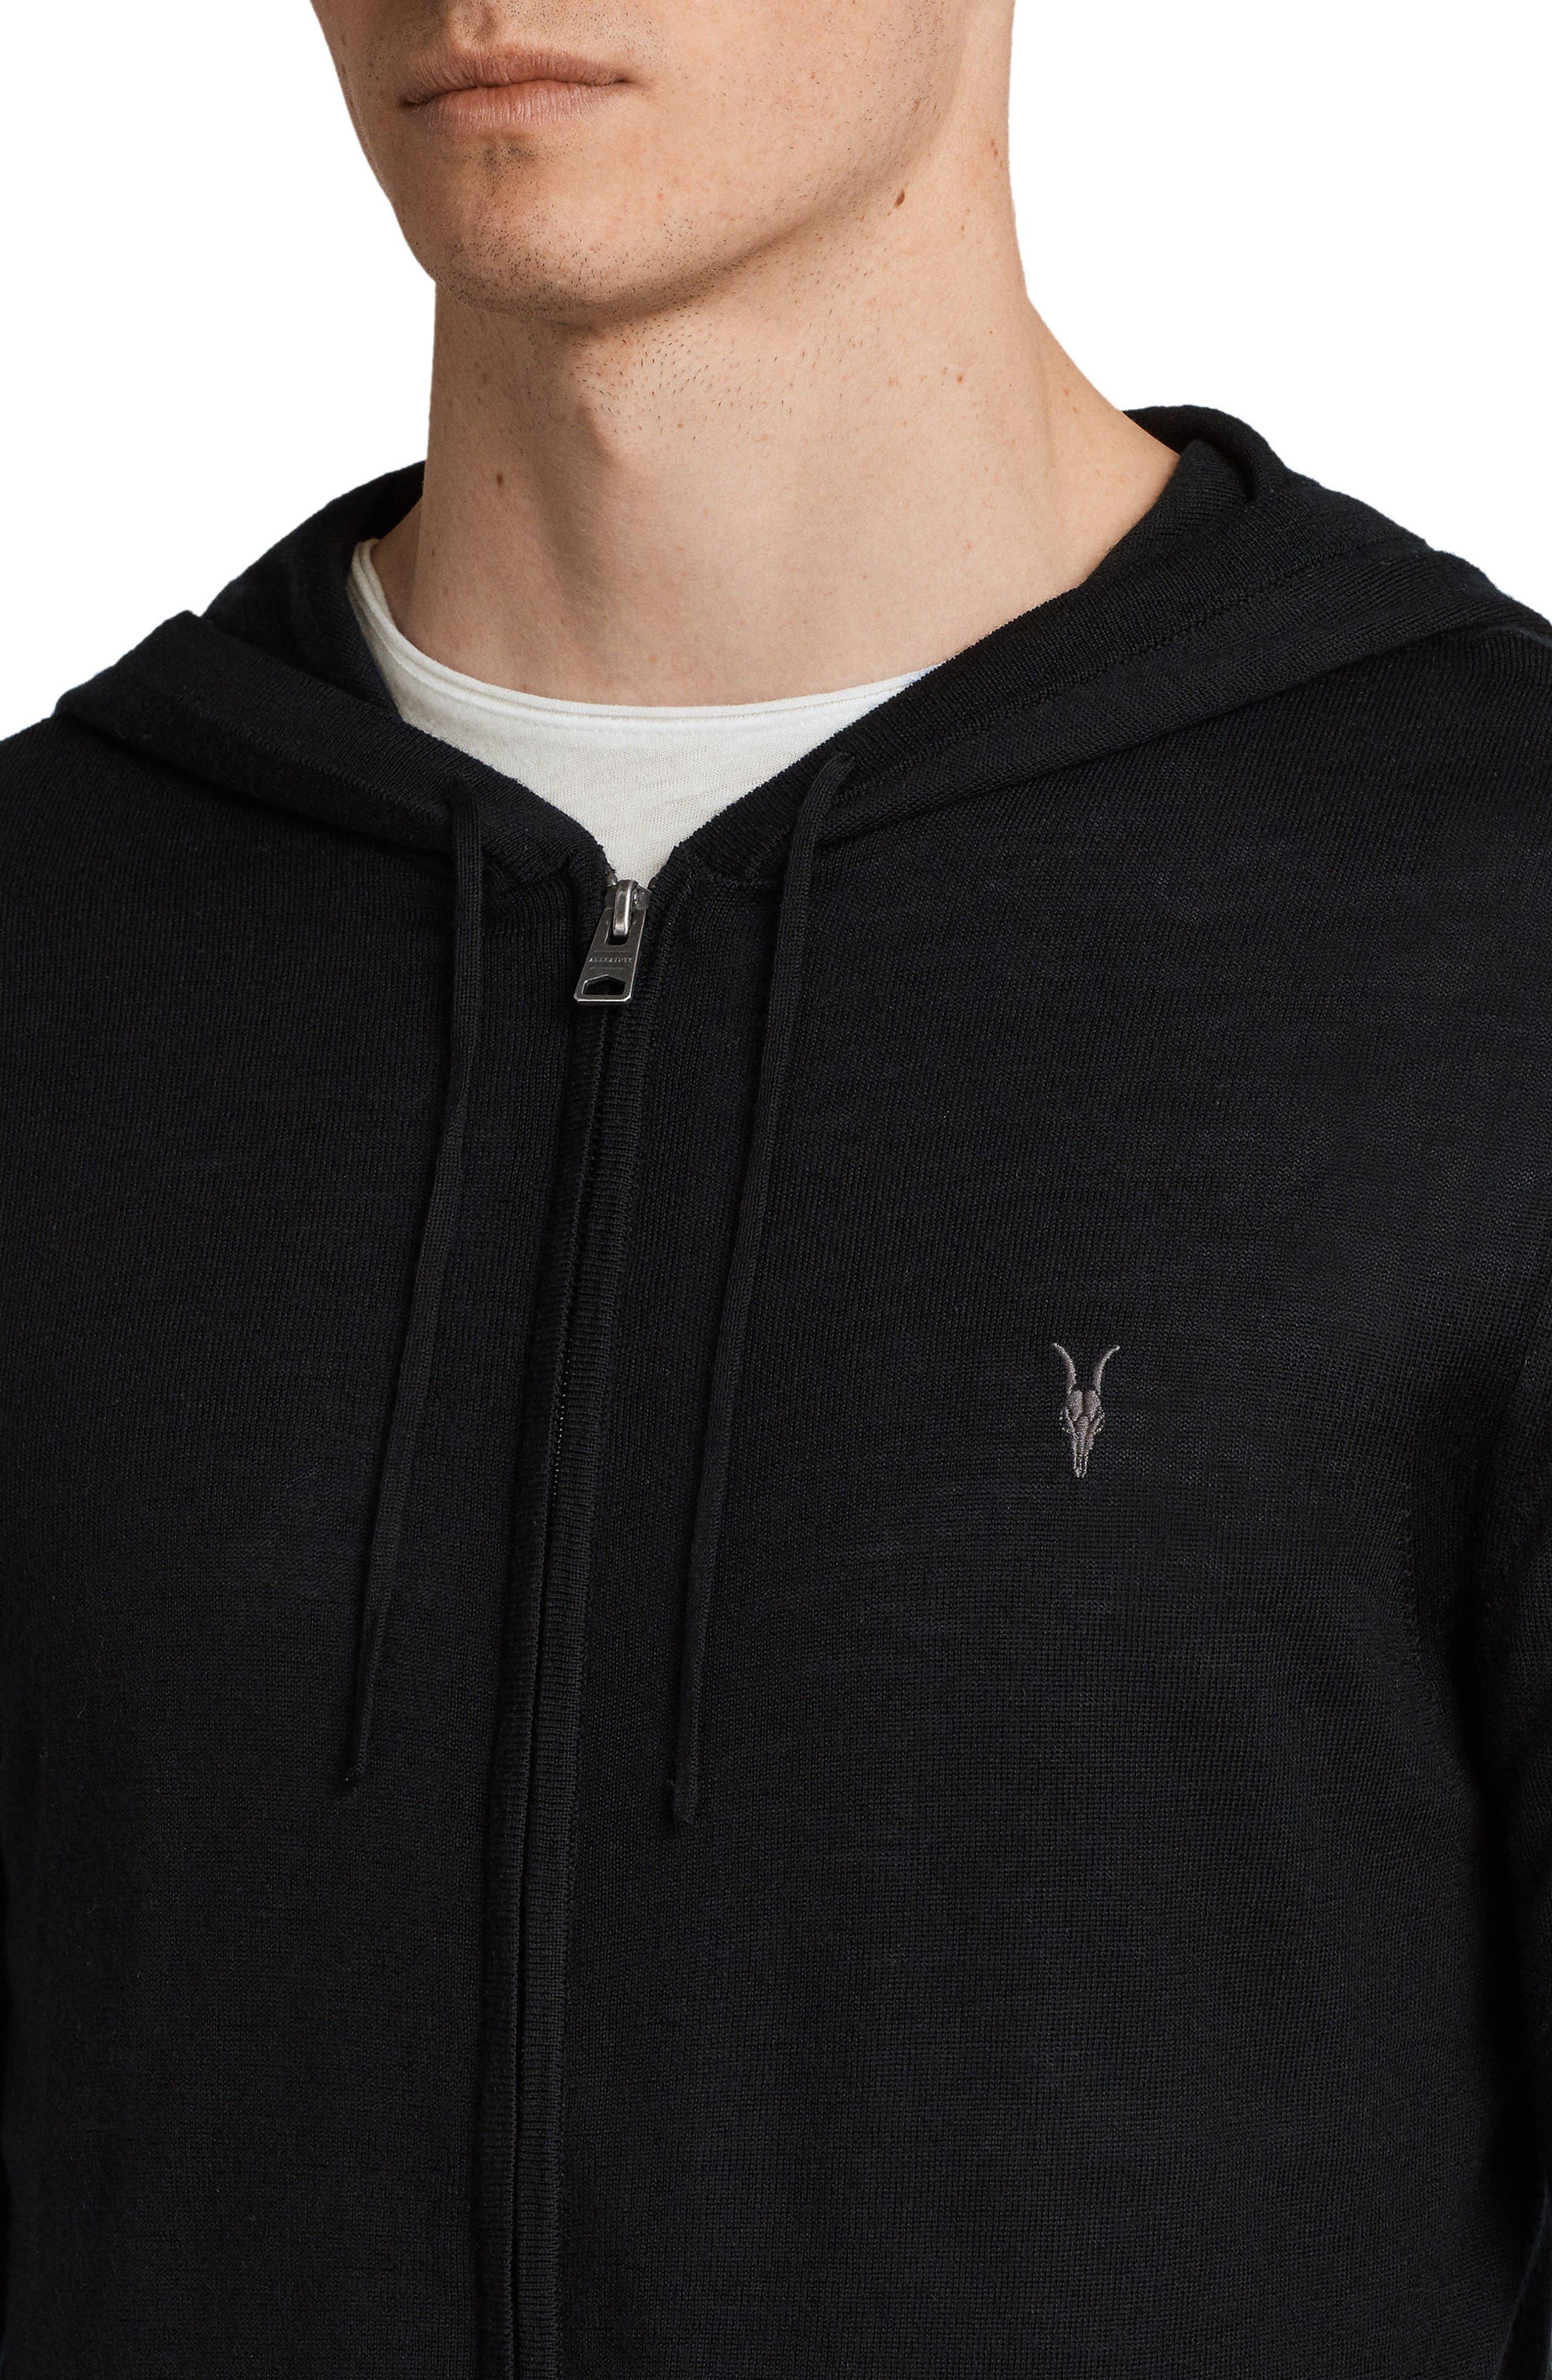 Mode Slim Fit Merino Wool Zip Hoodie,                             Alternate thumbnail 4, color,                             BLACK